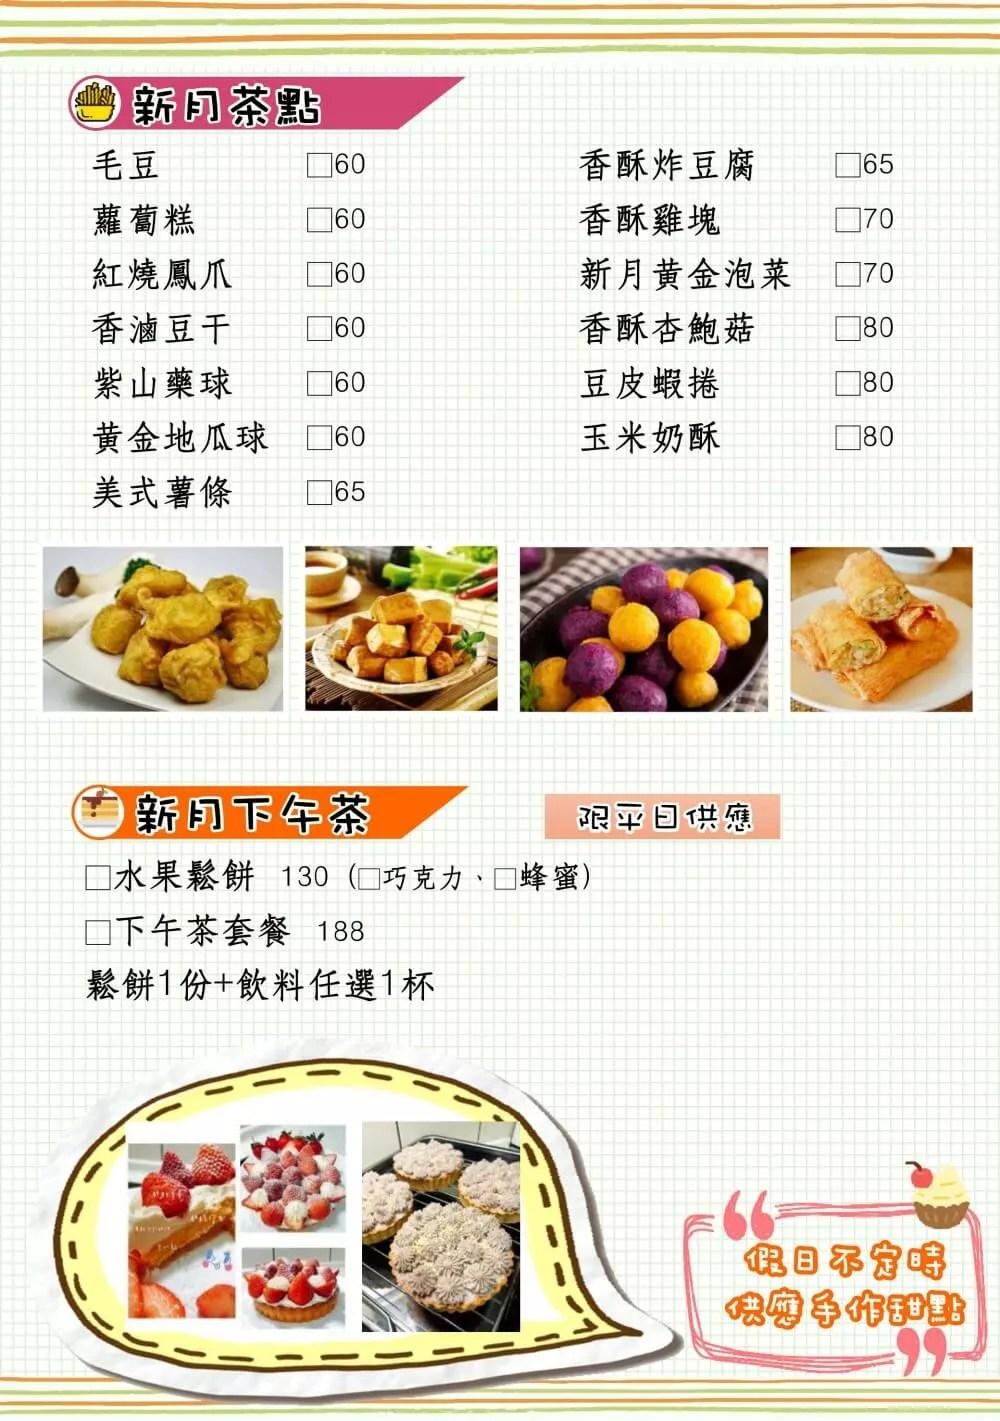 新月傳說景觀餐廳菜單-05